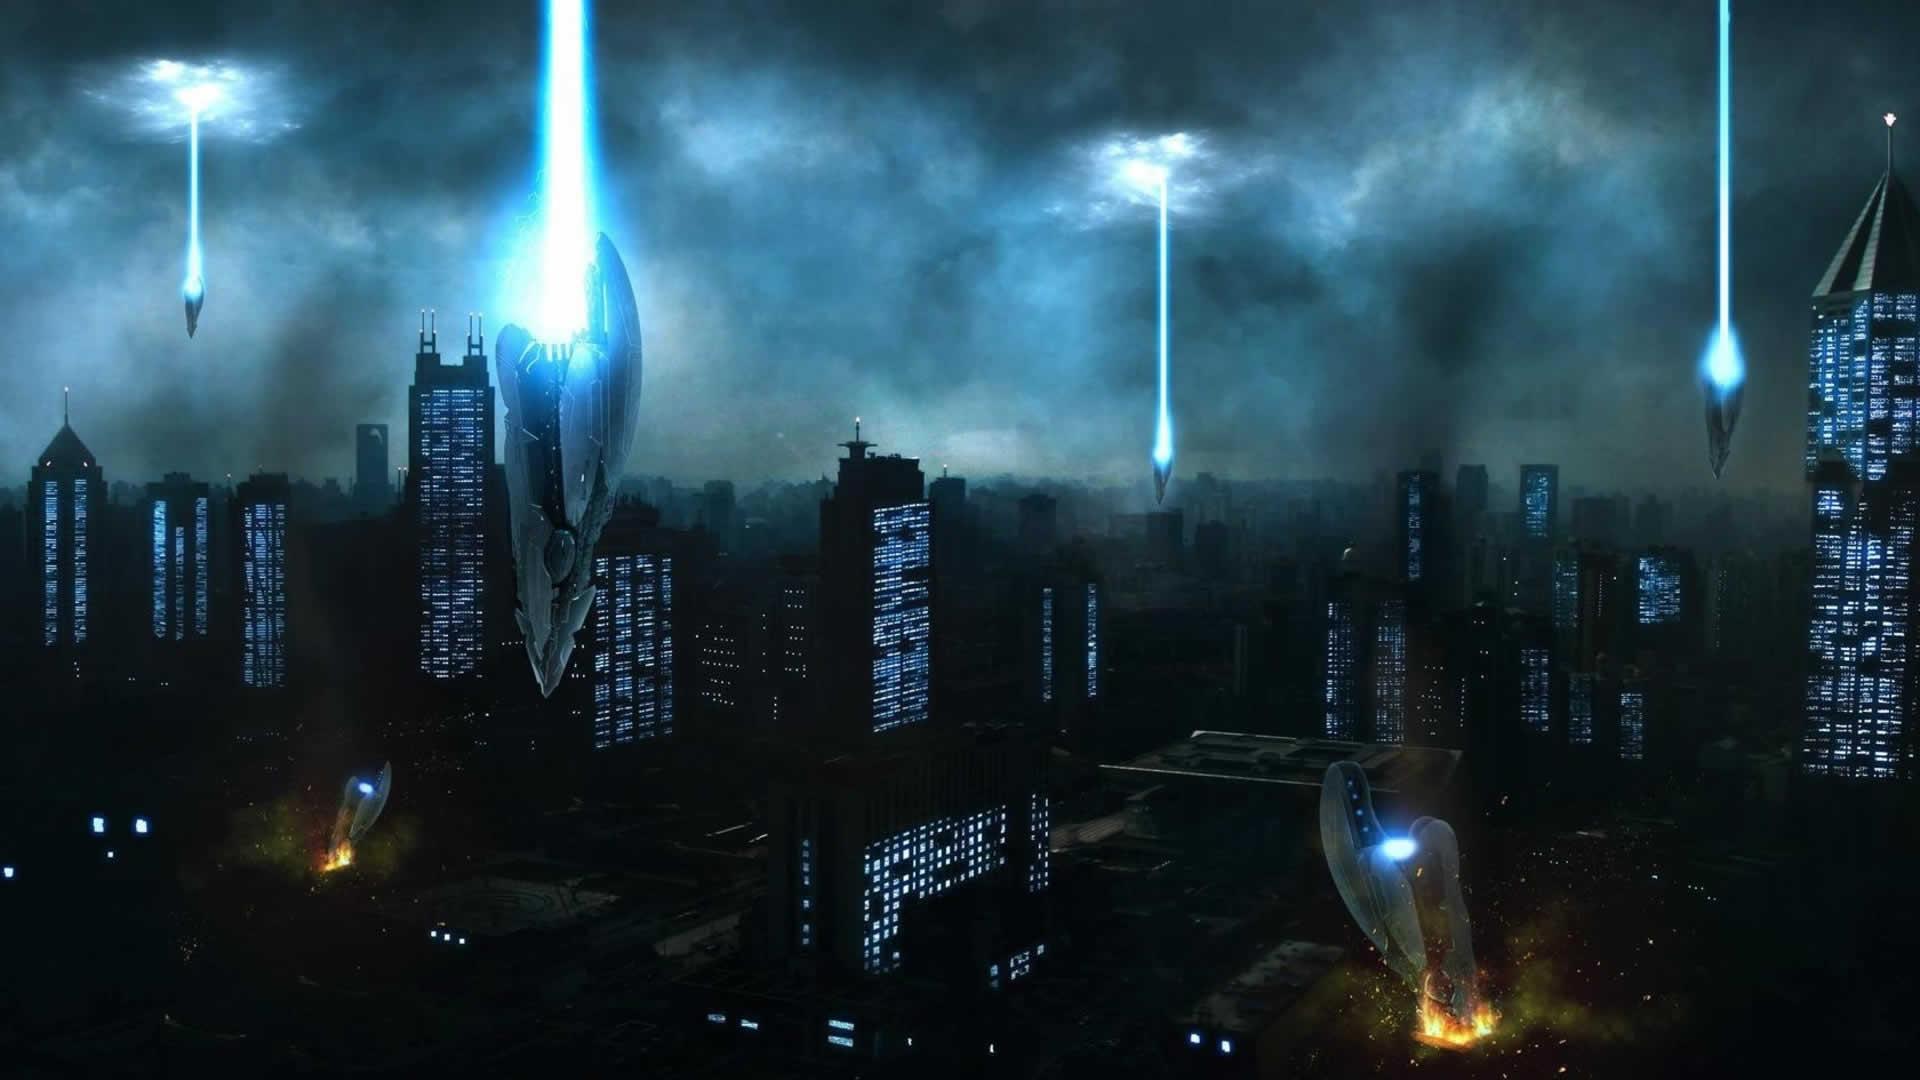 Falsa invasión alienígena podría ocurrir en octubre o noviembre, indica divulgador (VÍDEO)